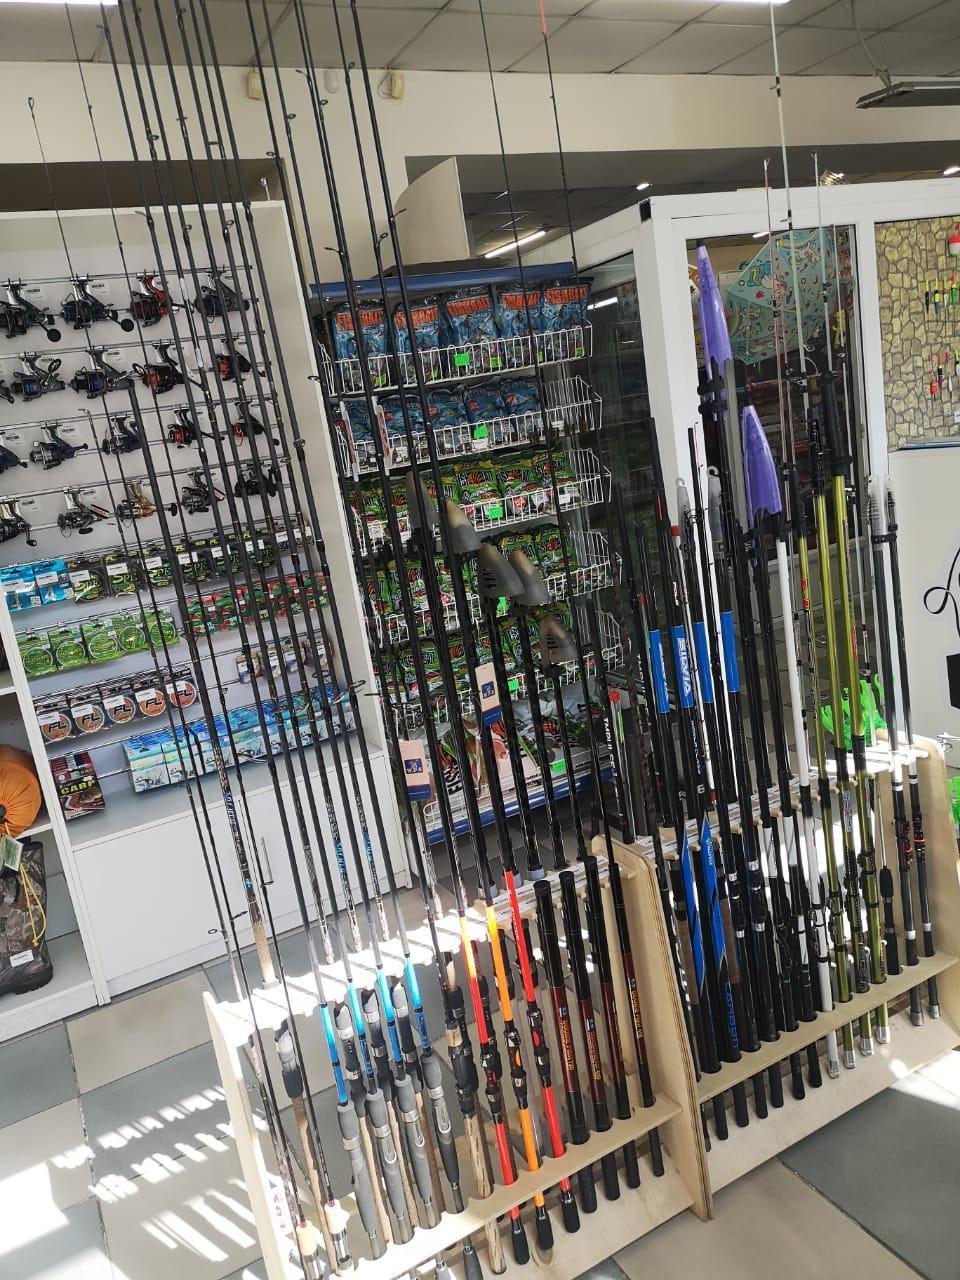 Удочки, спиннинги, товары для рыбалки, катушки - фото 1